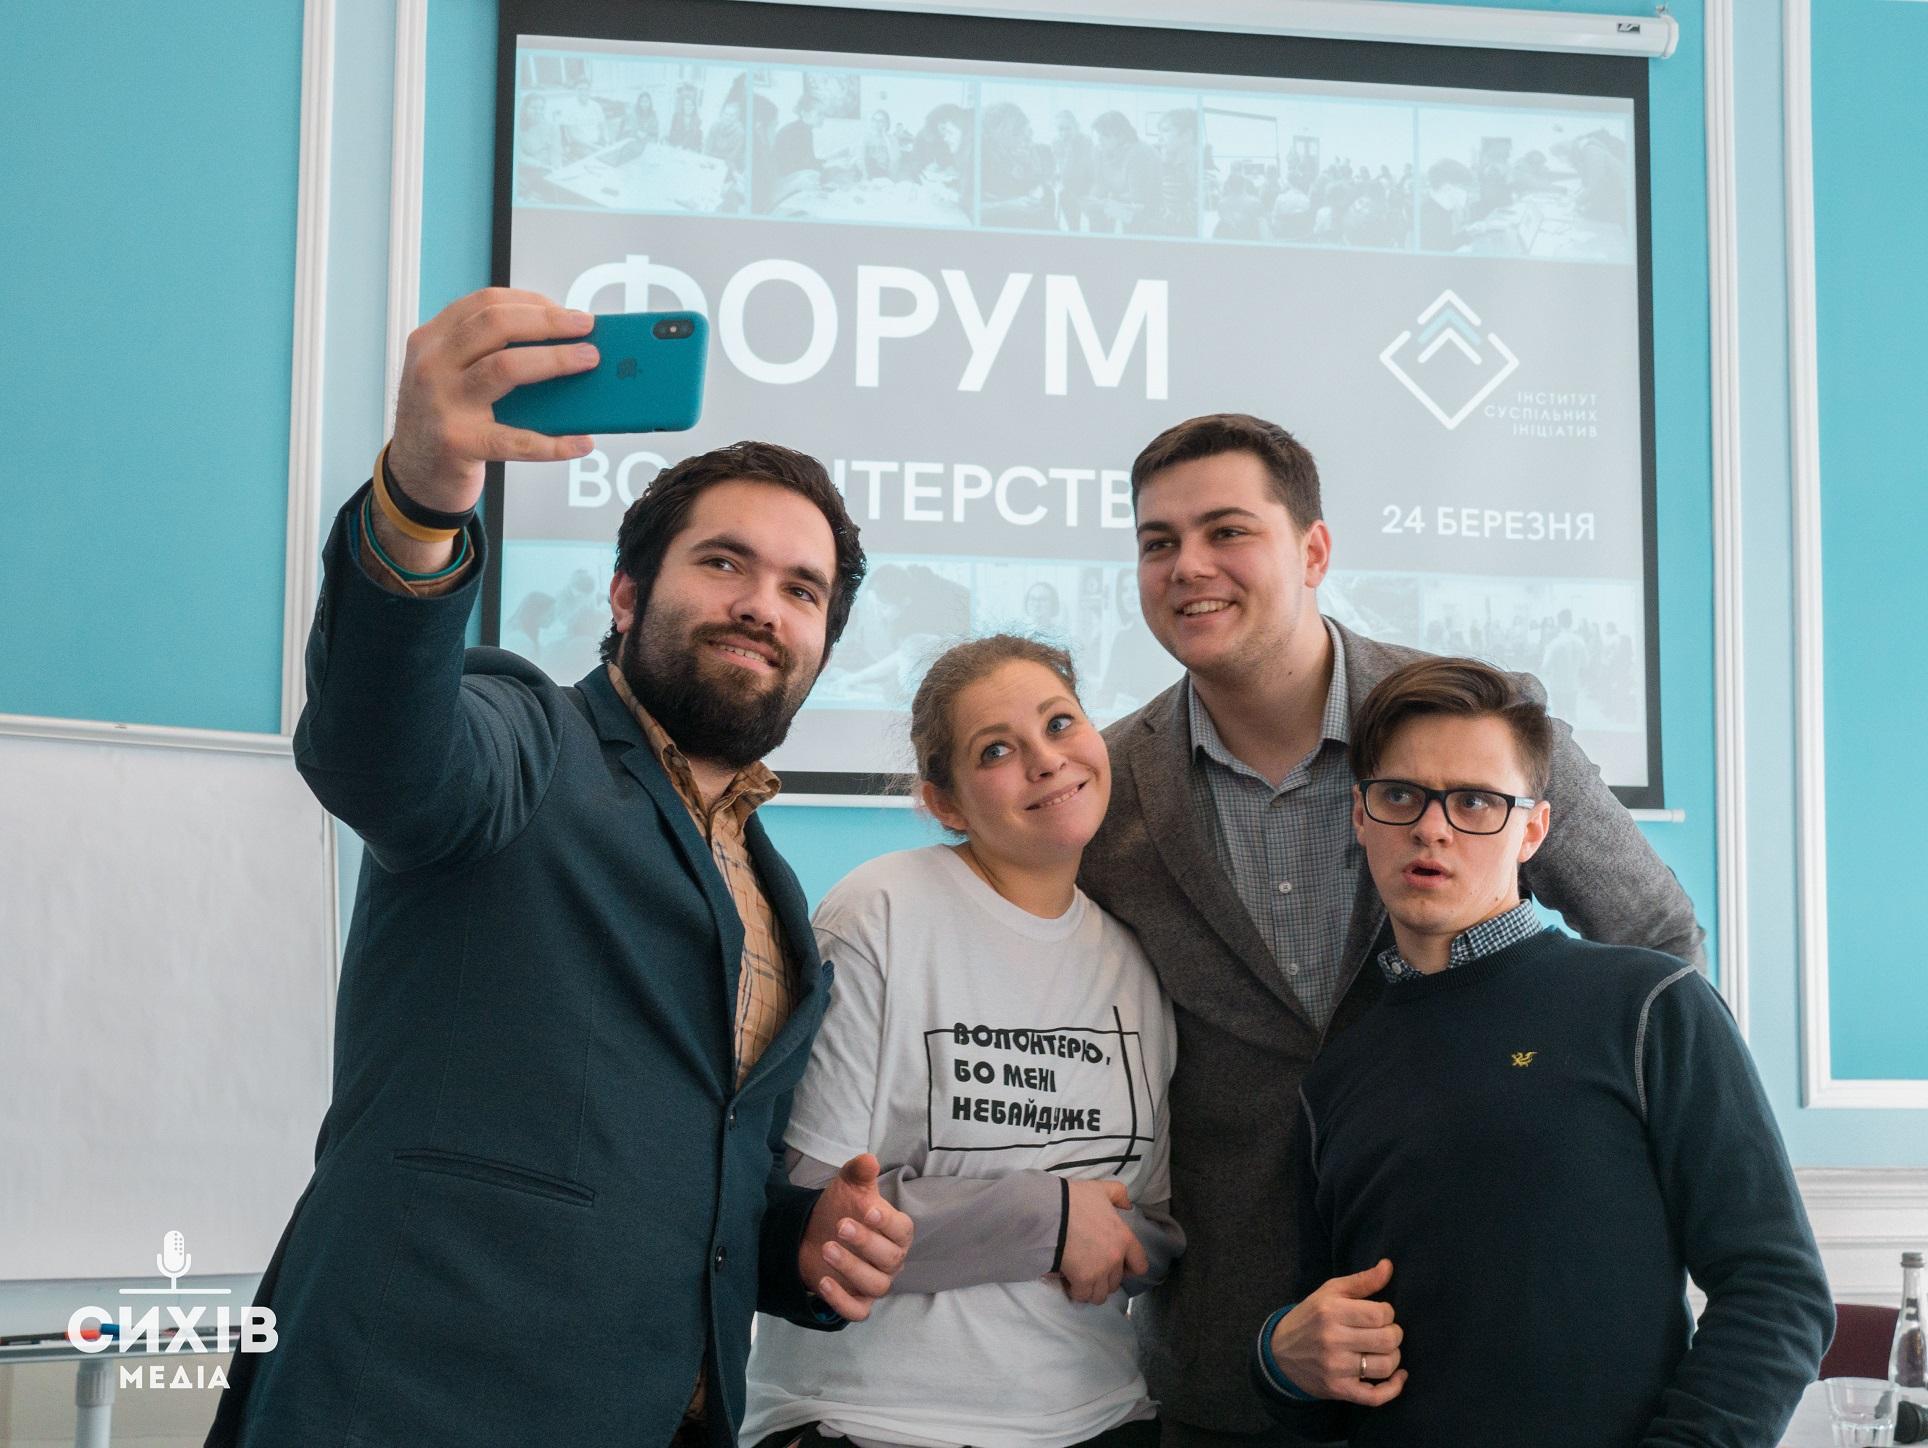 Історії і презентації можливостей: у Львові пройшов Форум волонтерства (фото)